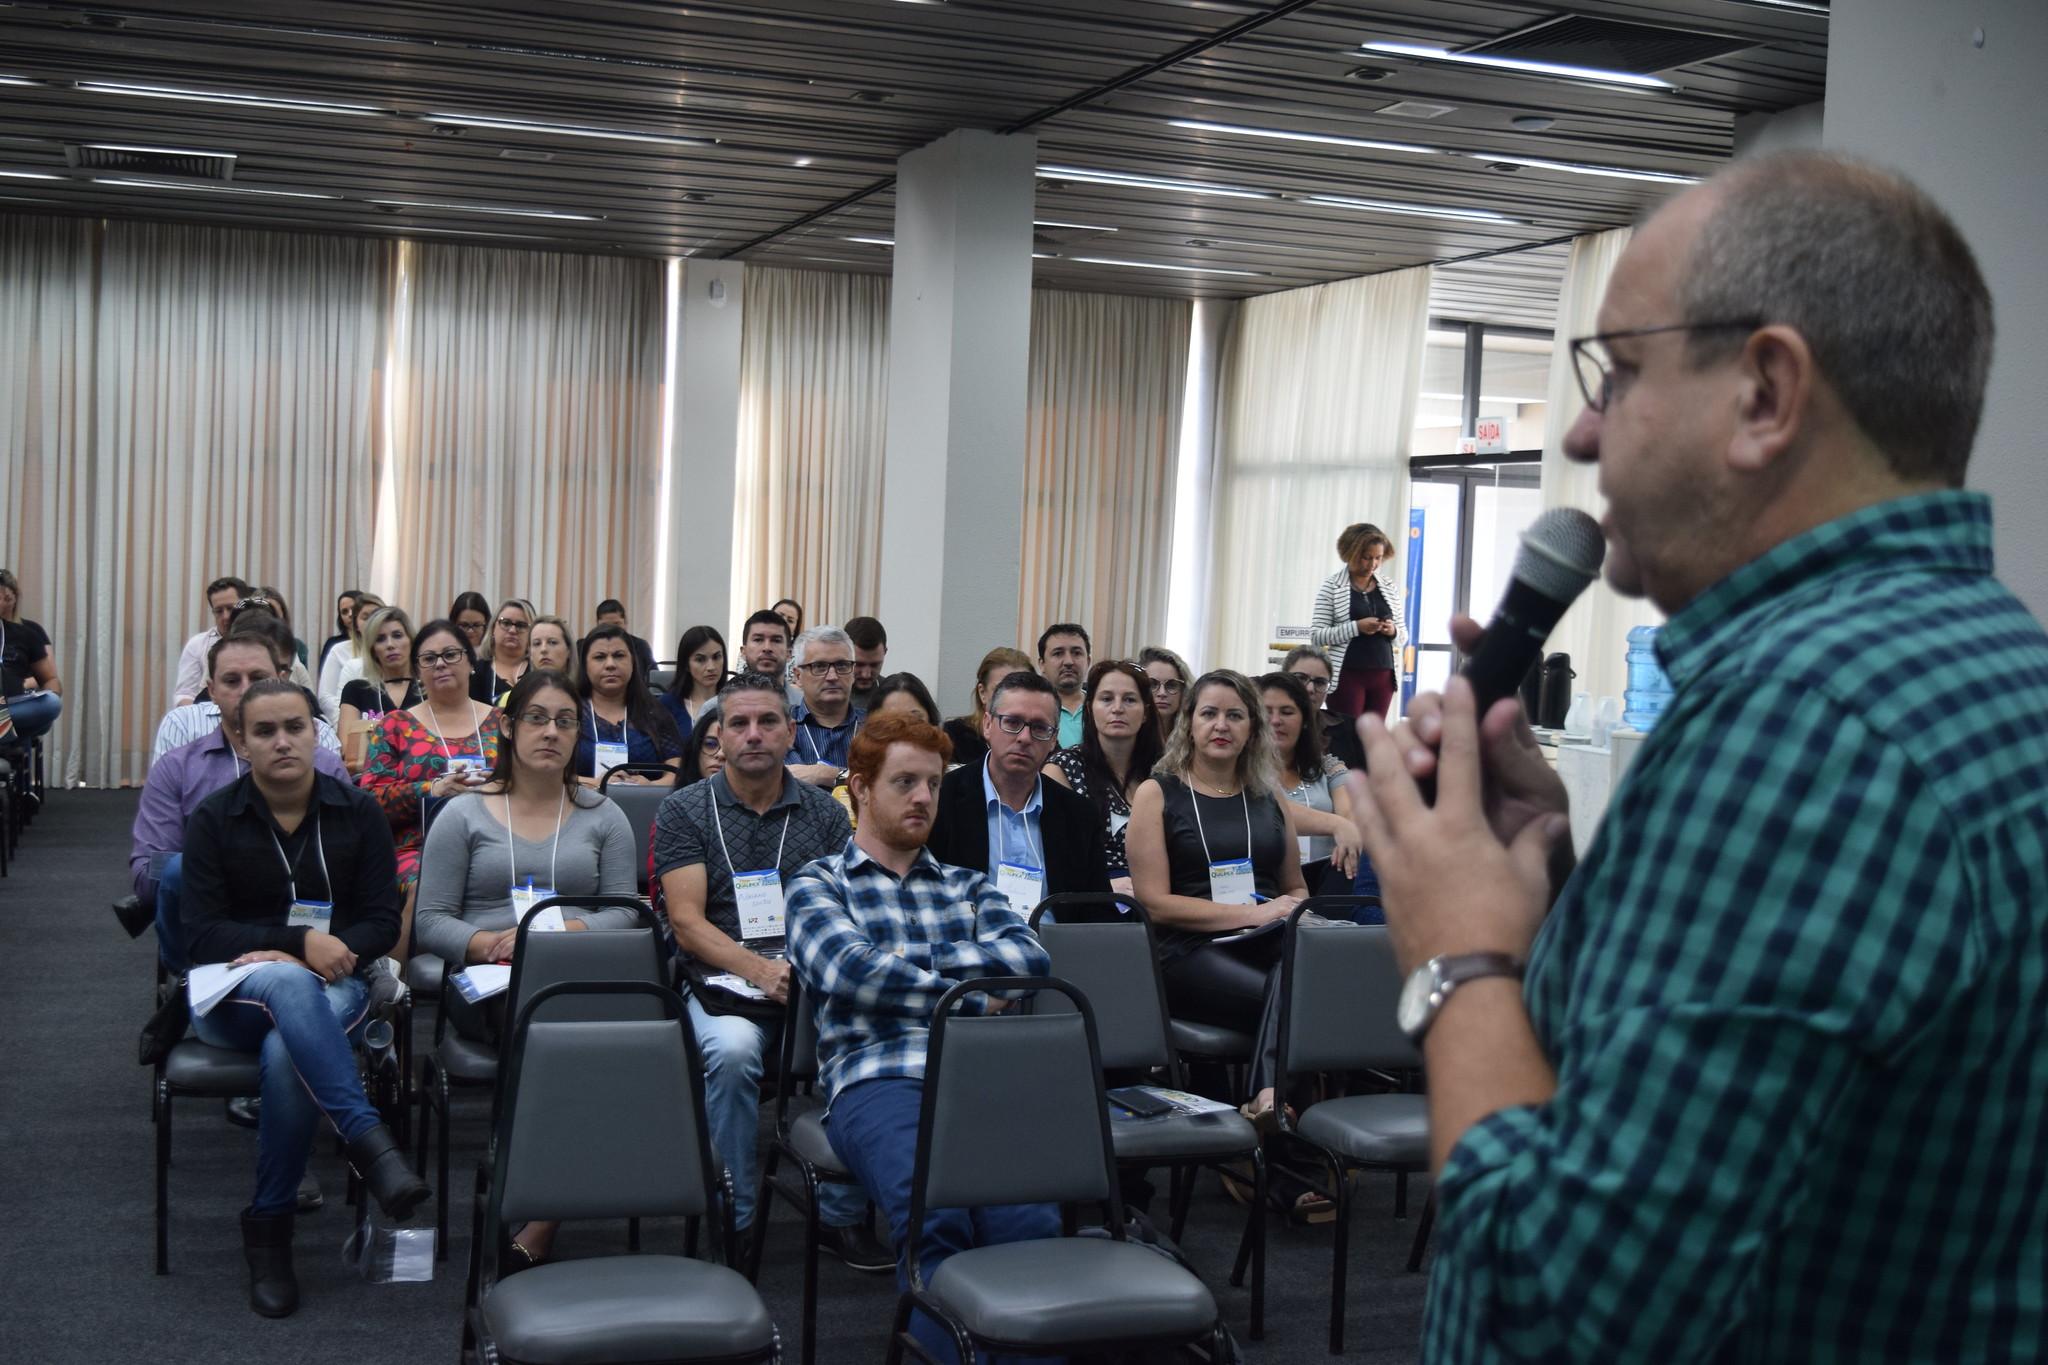 Equipe do CNM Qualifica encerra o mês em Florianópolis (SC) com debates sobre alternativas para a gestão da Saúde